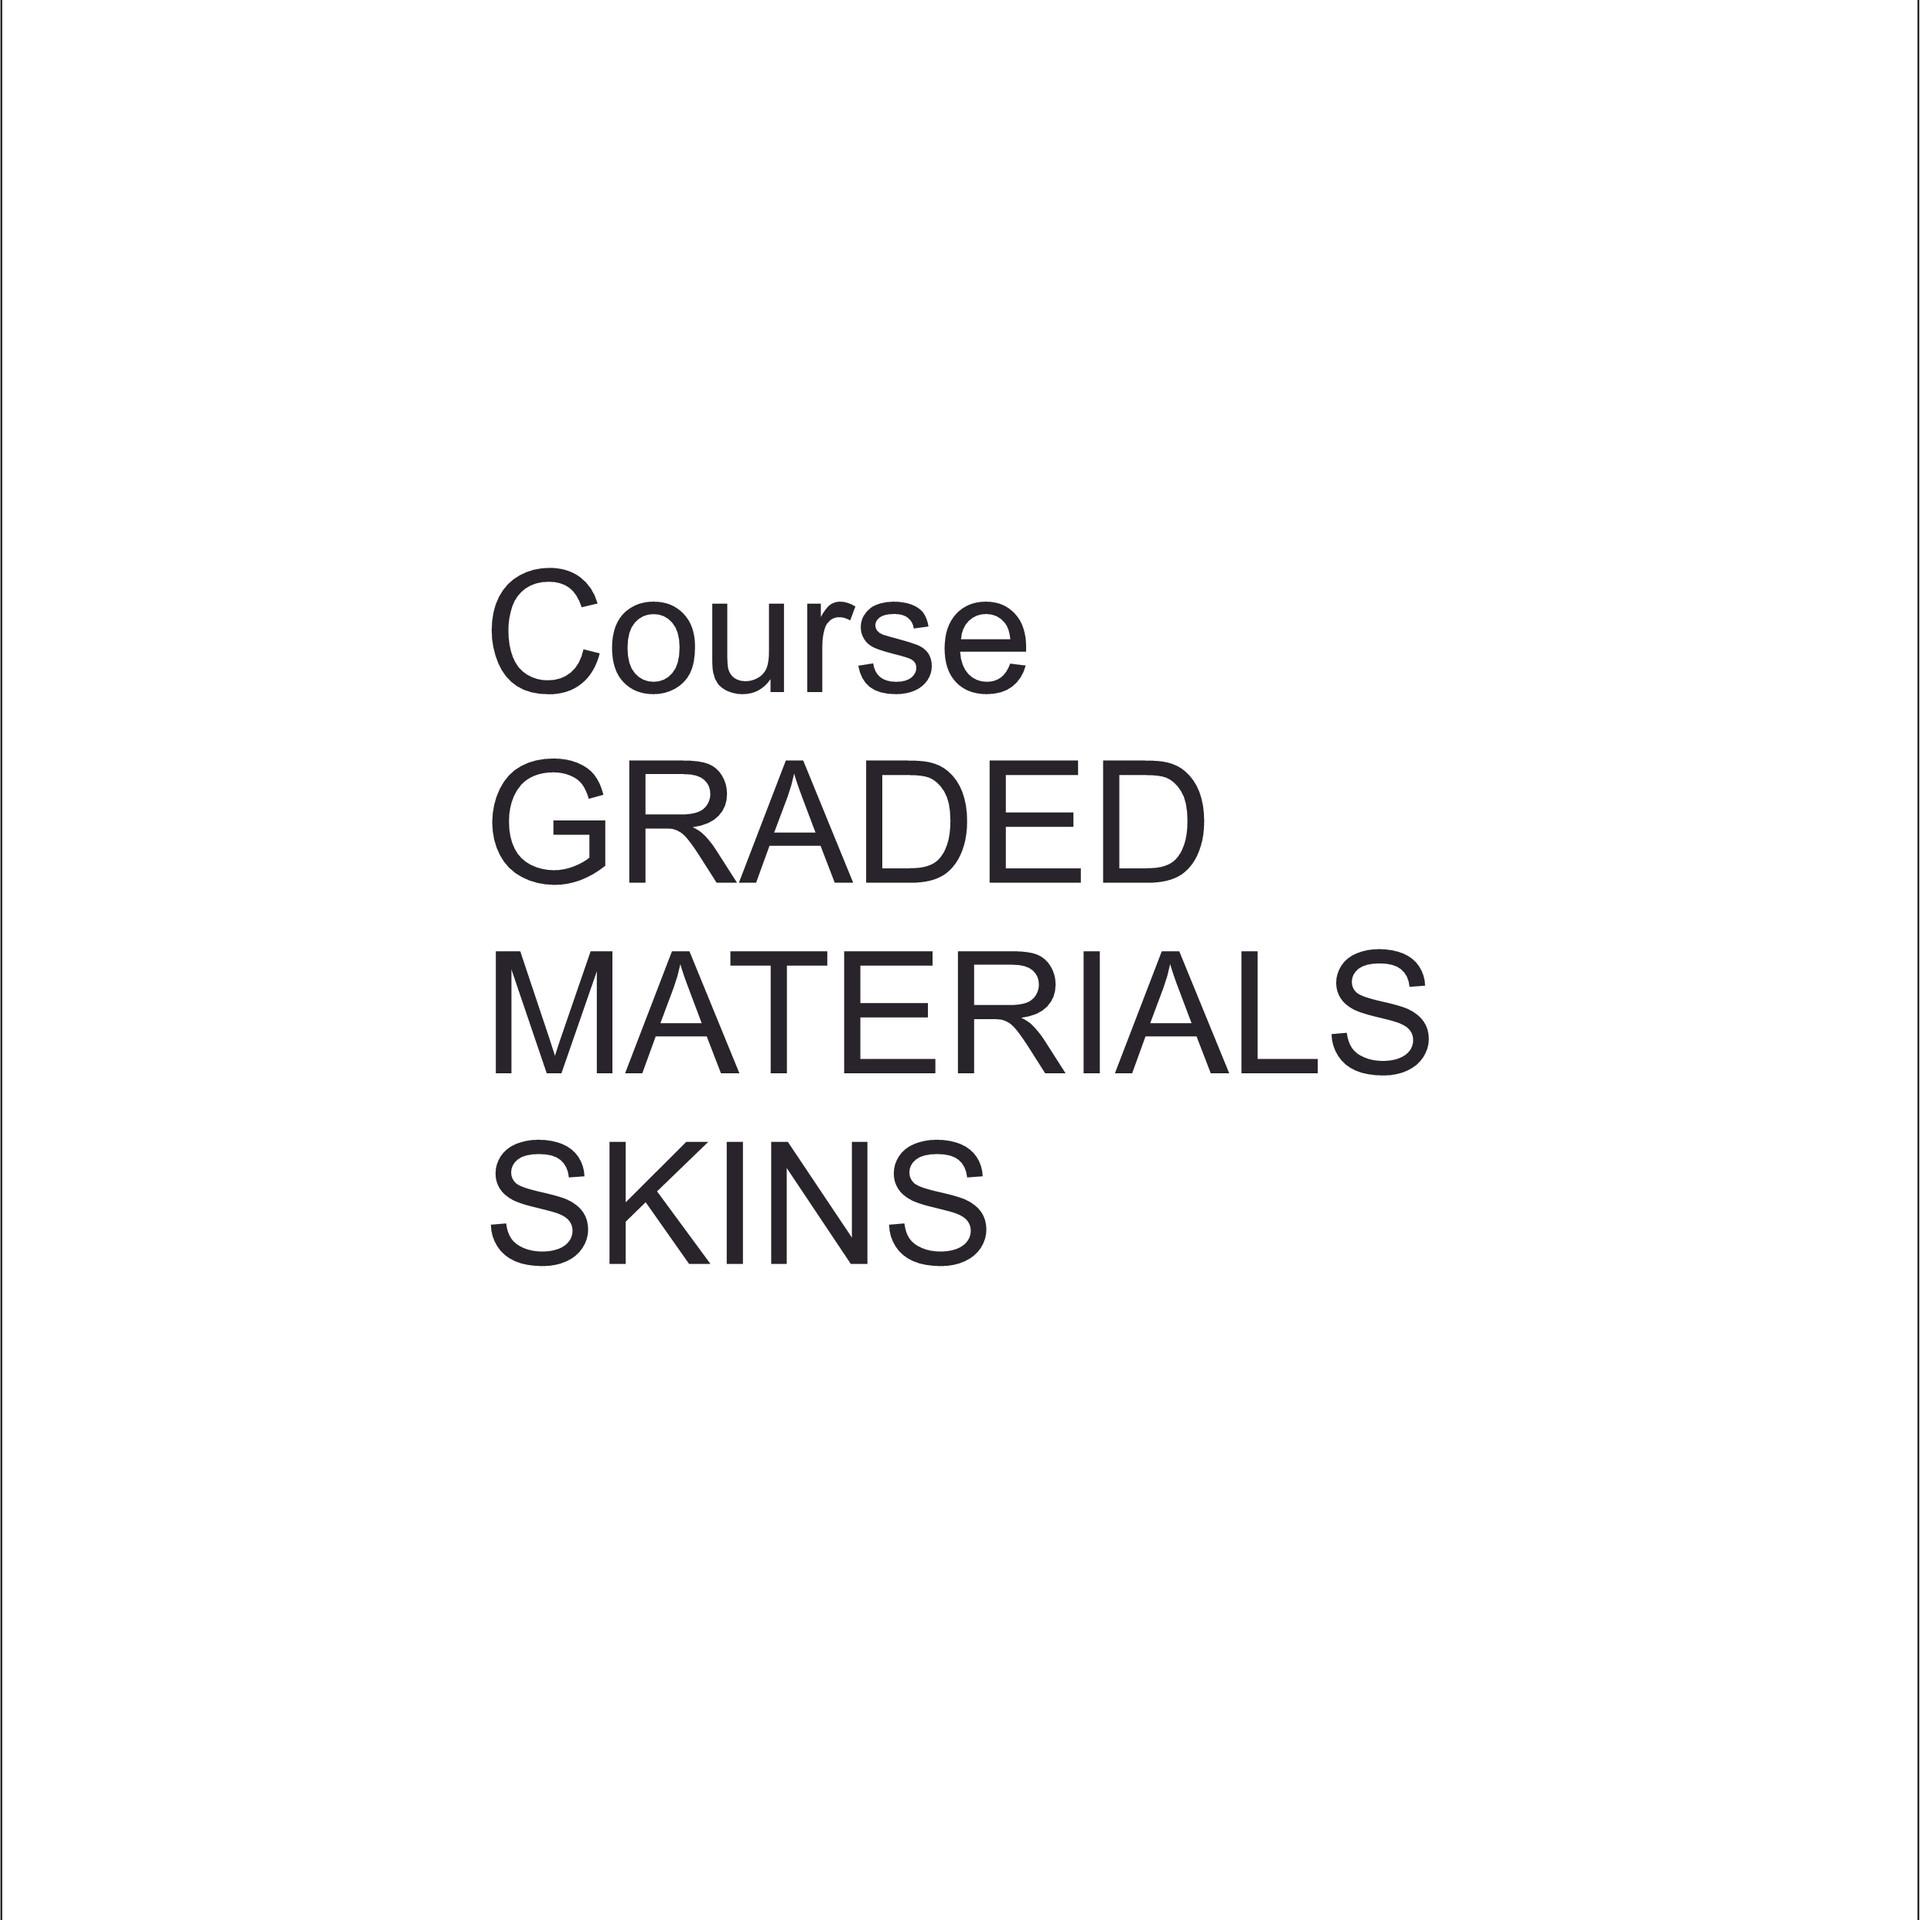 graded materials.jpg